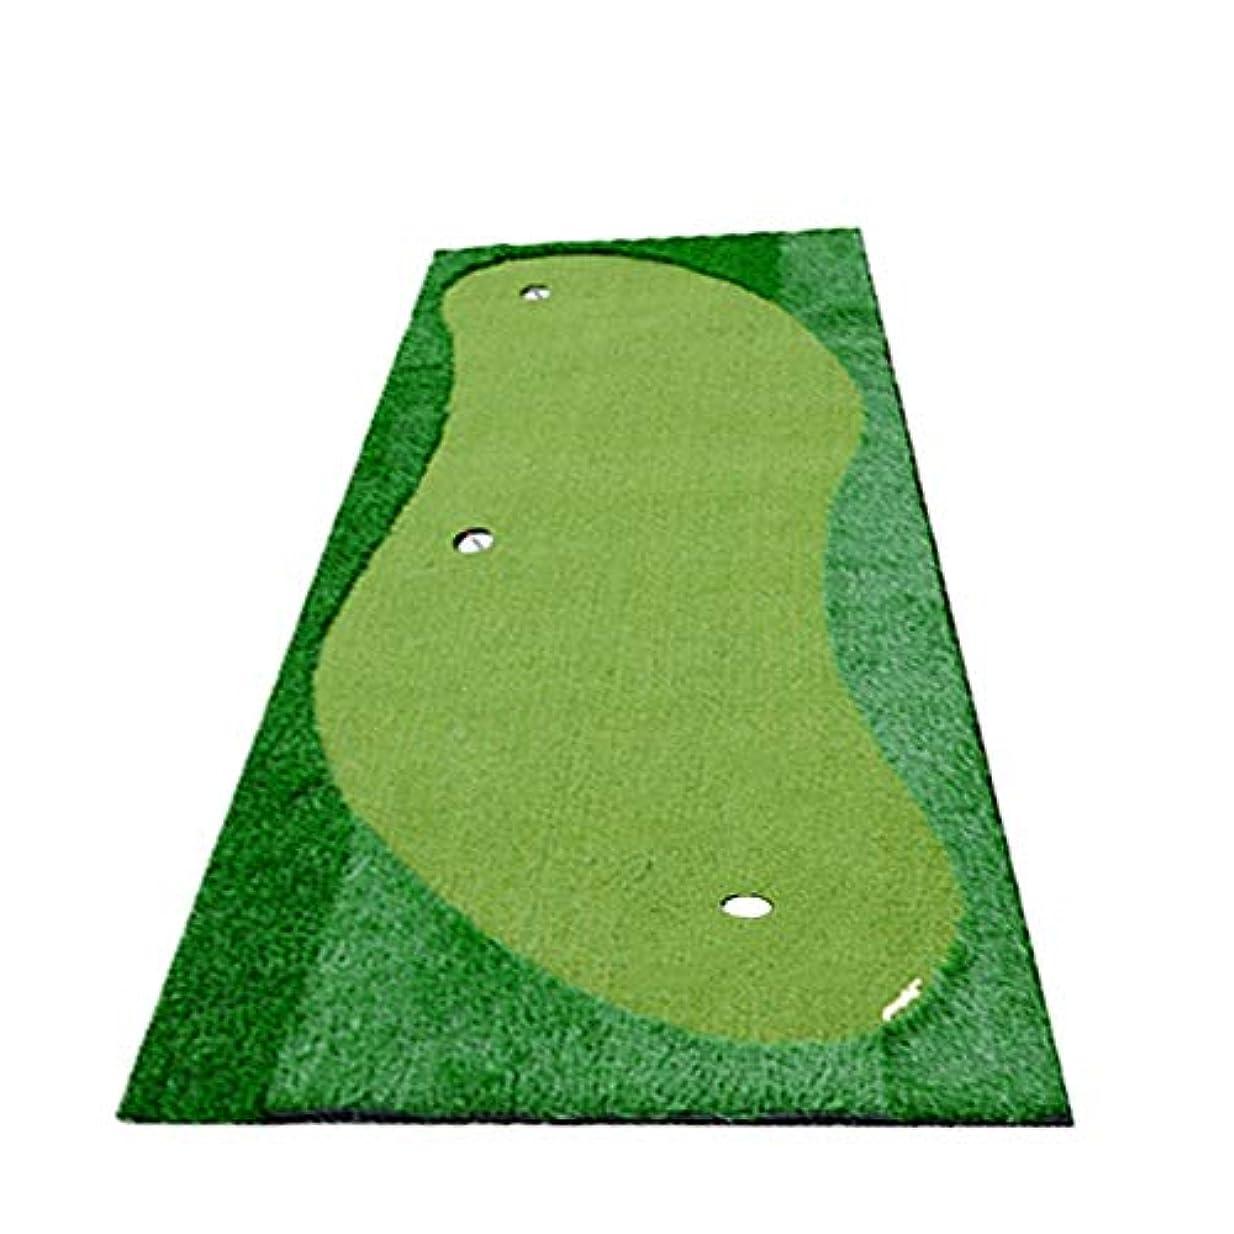 タック放棄医薬品ゴルフショップ スーパーベント パターマット 屋内/屋外のゴルフシミュレーションゴム下の緑の屋内人工ゴルフを入れて練習グリーンを置きます (色 : 緑, Size : 1.5*3m)